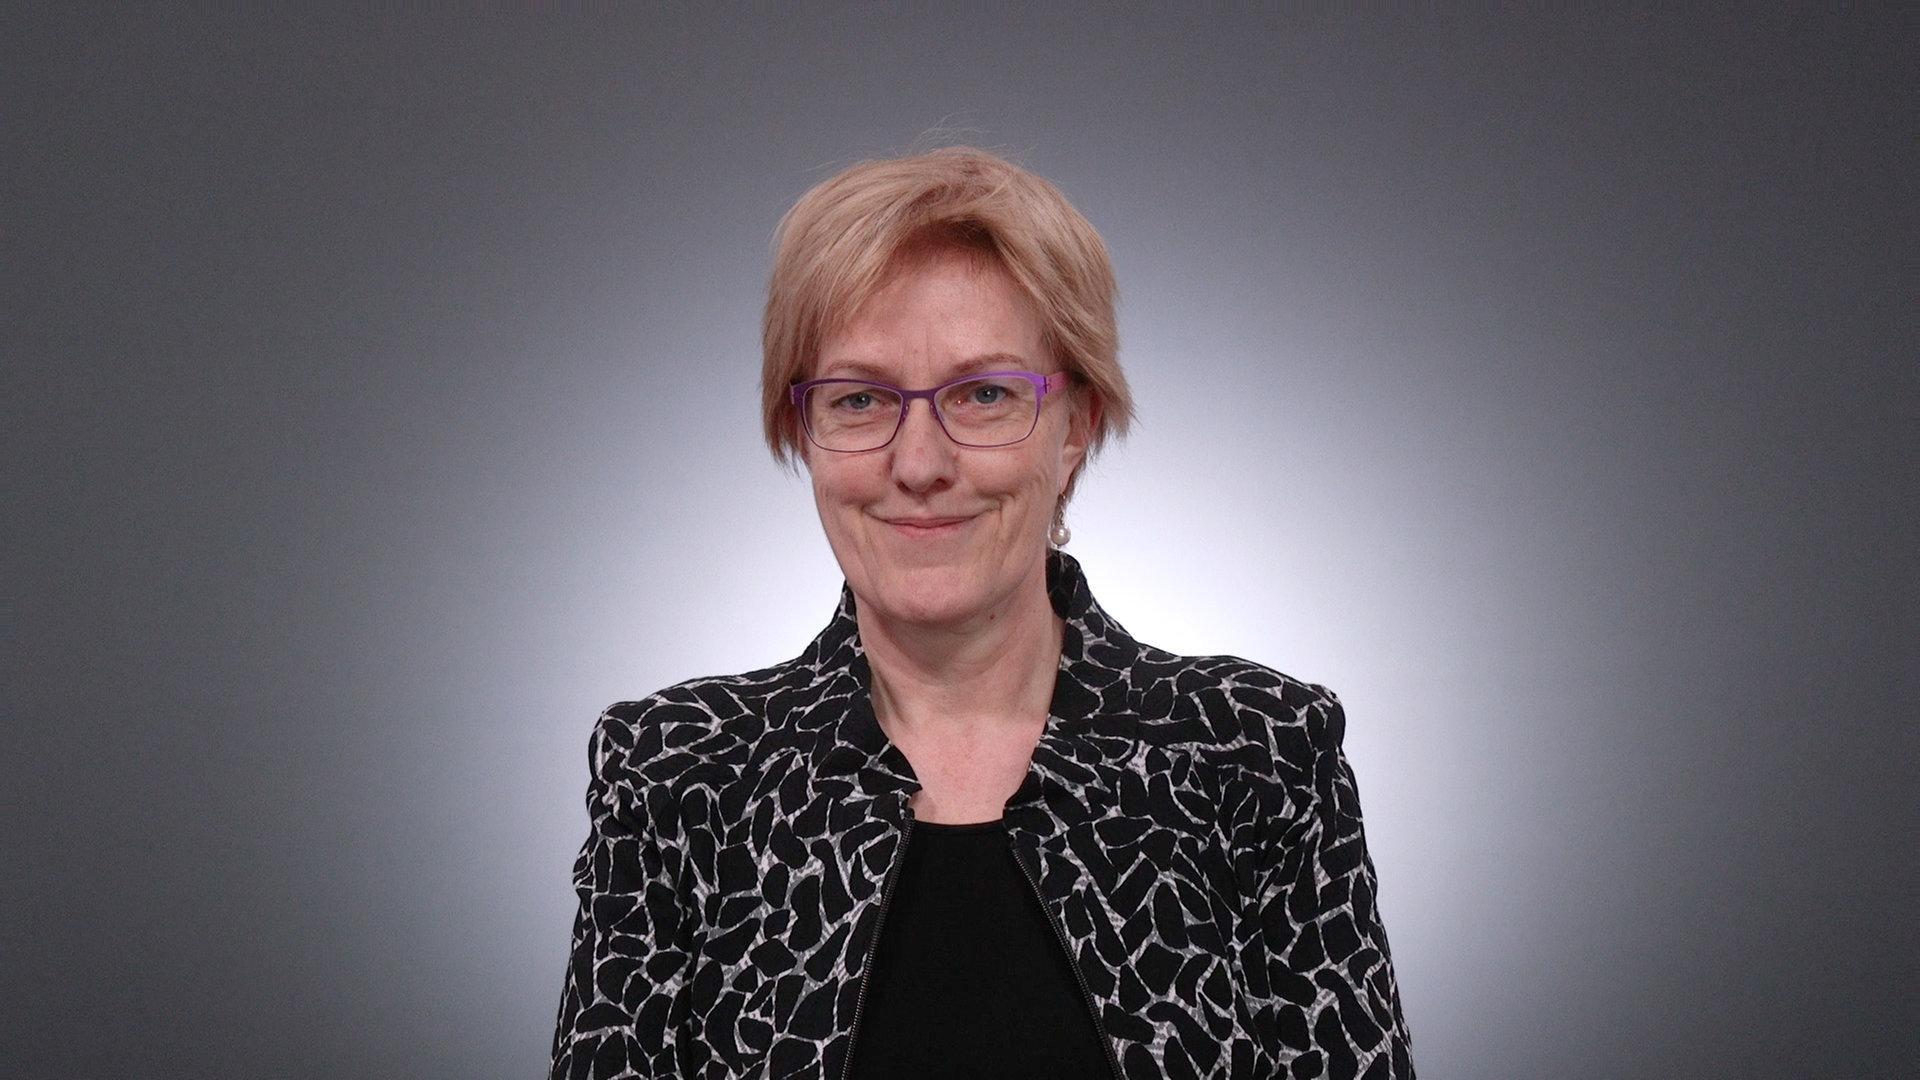 Heike Sudmann, DIE LINKE